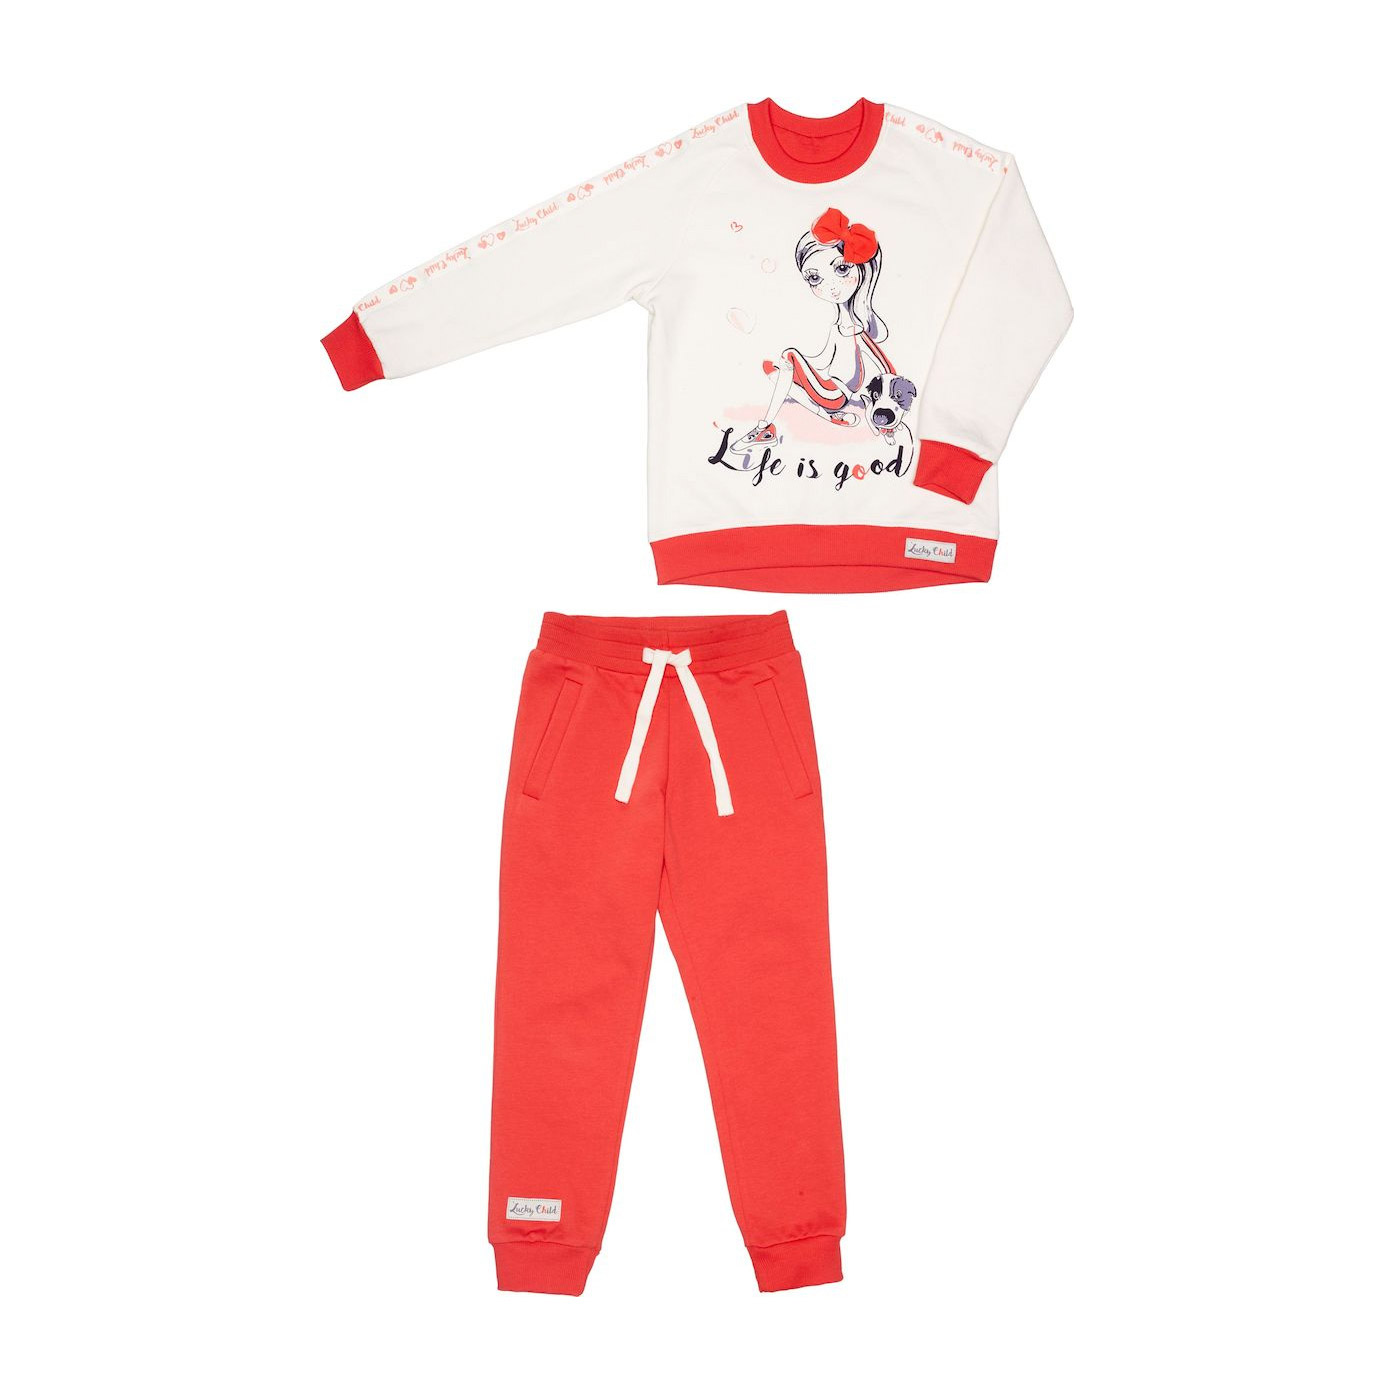 Купить Спортивный костюм Lucky Child: толстовка и брюки коралл/молочный 110-116, Молочный, Коралловый, Футер, Для девочек, Весна-Лето,